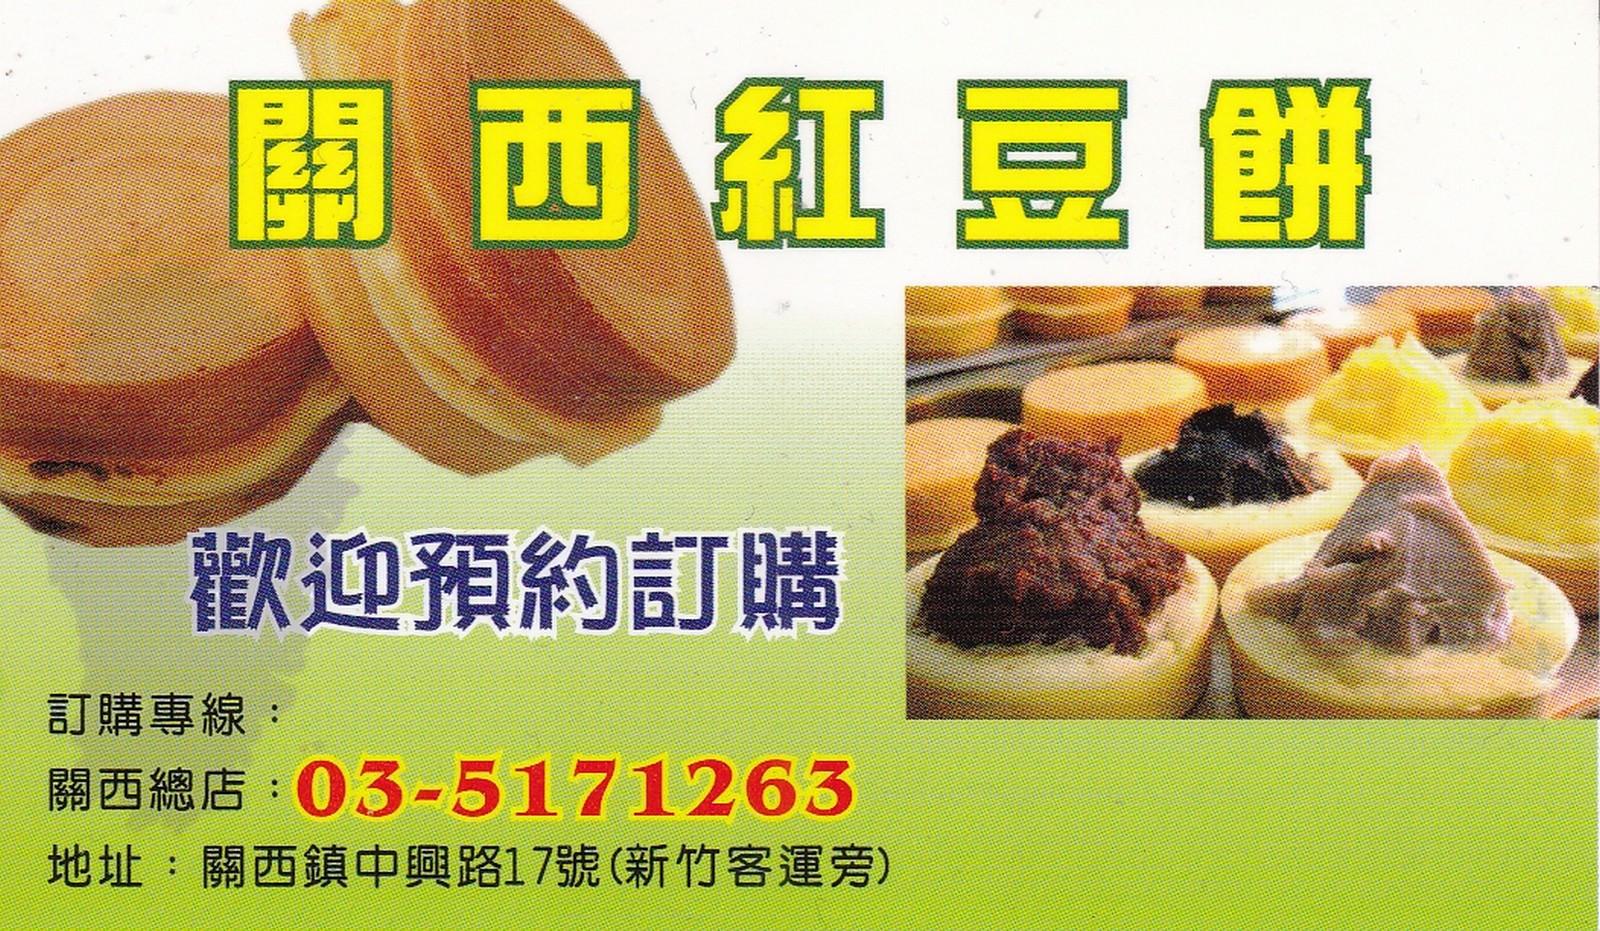 關西紅豆餅, 名片